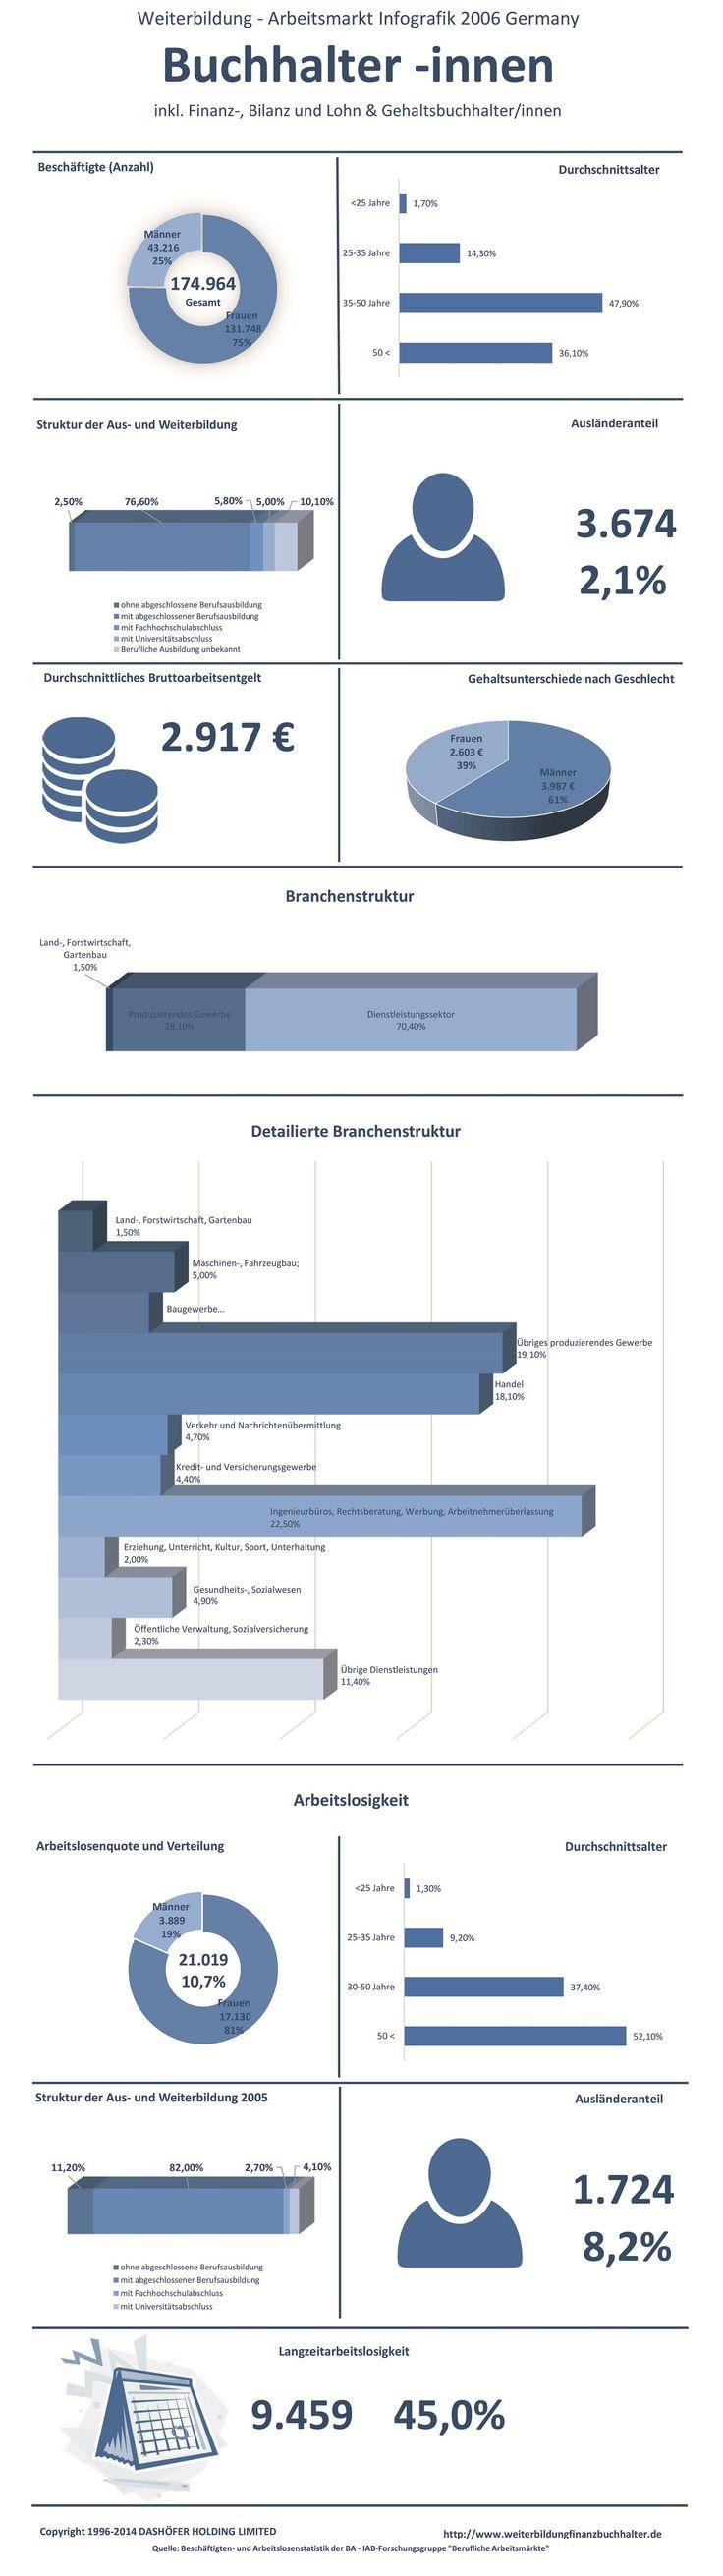 Weiterbildung Finanzbuchhalter Arbeitsmarkt Die Infographik zu Weiterbildung, Gehalt und Arbeitsmarkt der Berufsgruppe Buchhalter inkl. Finanzbuchhalter, Bilanzbuchhalter, Lohn- und Gehaltsbuchhalter in Deutschland, 2006. Hier finden sie alle notwendigen Daten zum Berufsbild eines Finanzbuchhalters, Buchhalters etc. inklusive der Branchen, in denen  Finanzbuchhalter eingesetzt werden, der Auslaenderanteil und die Arbeitslosenquote. Die Daten sind auf dem Stand des Jahres 2006.